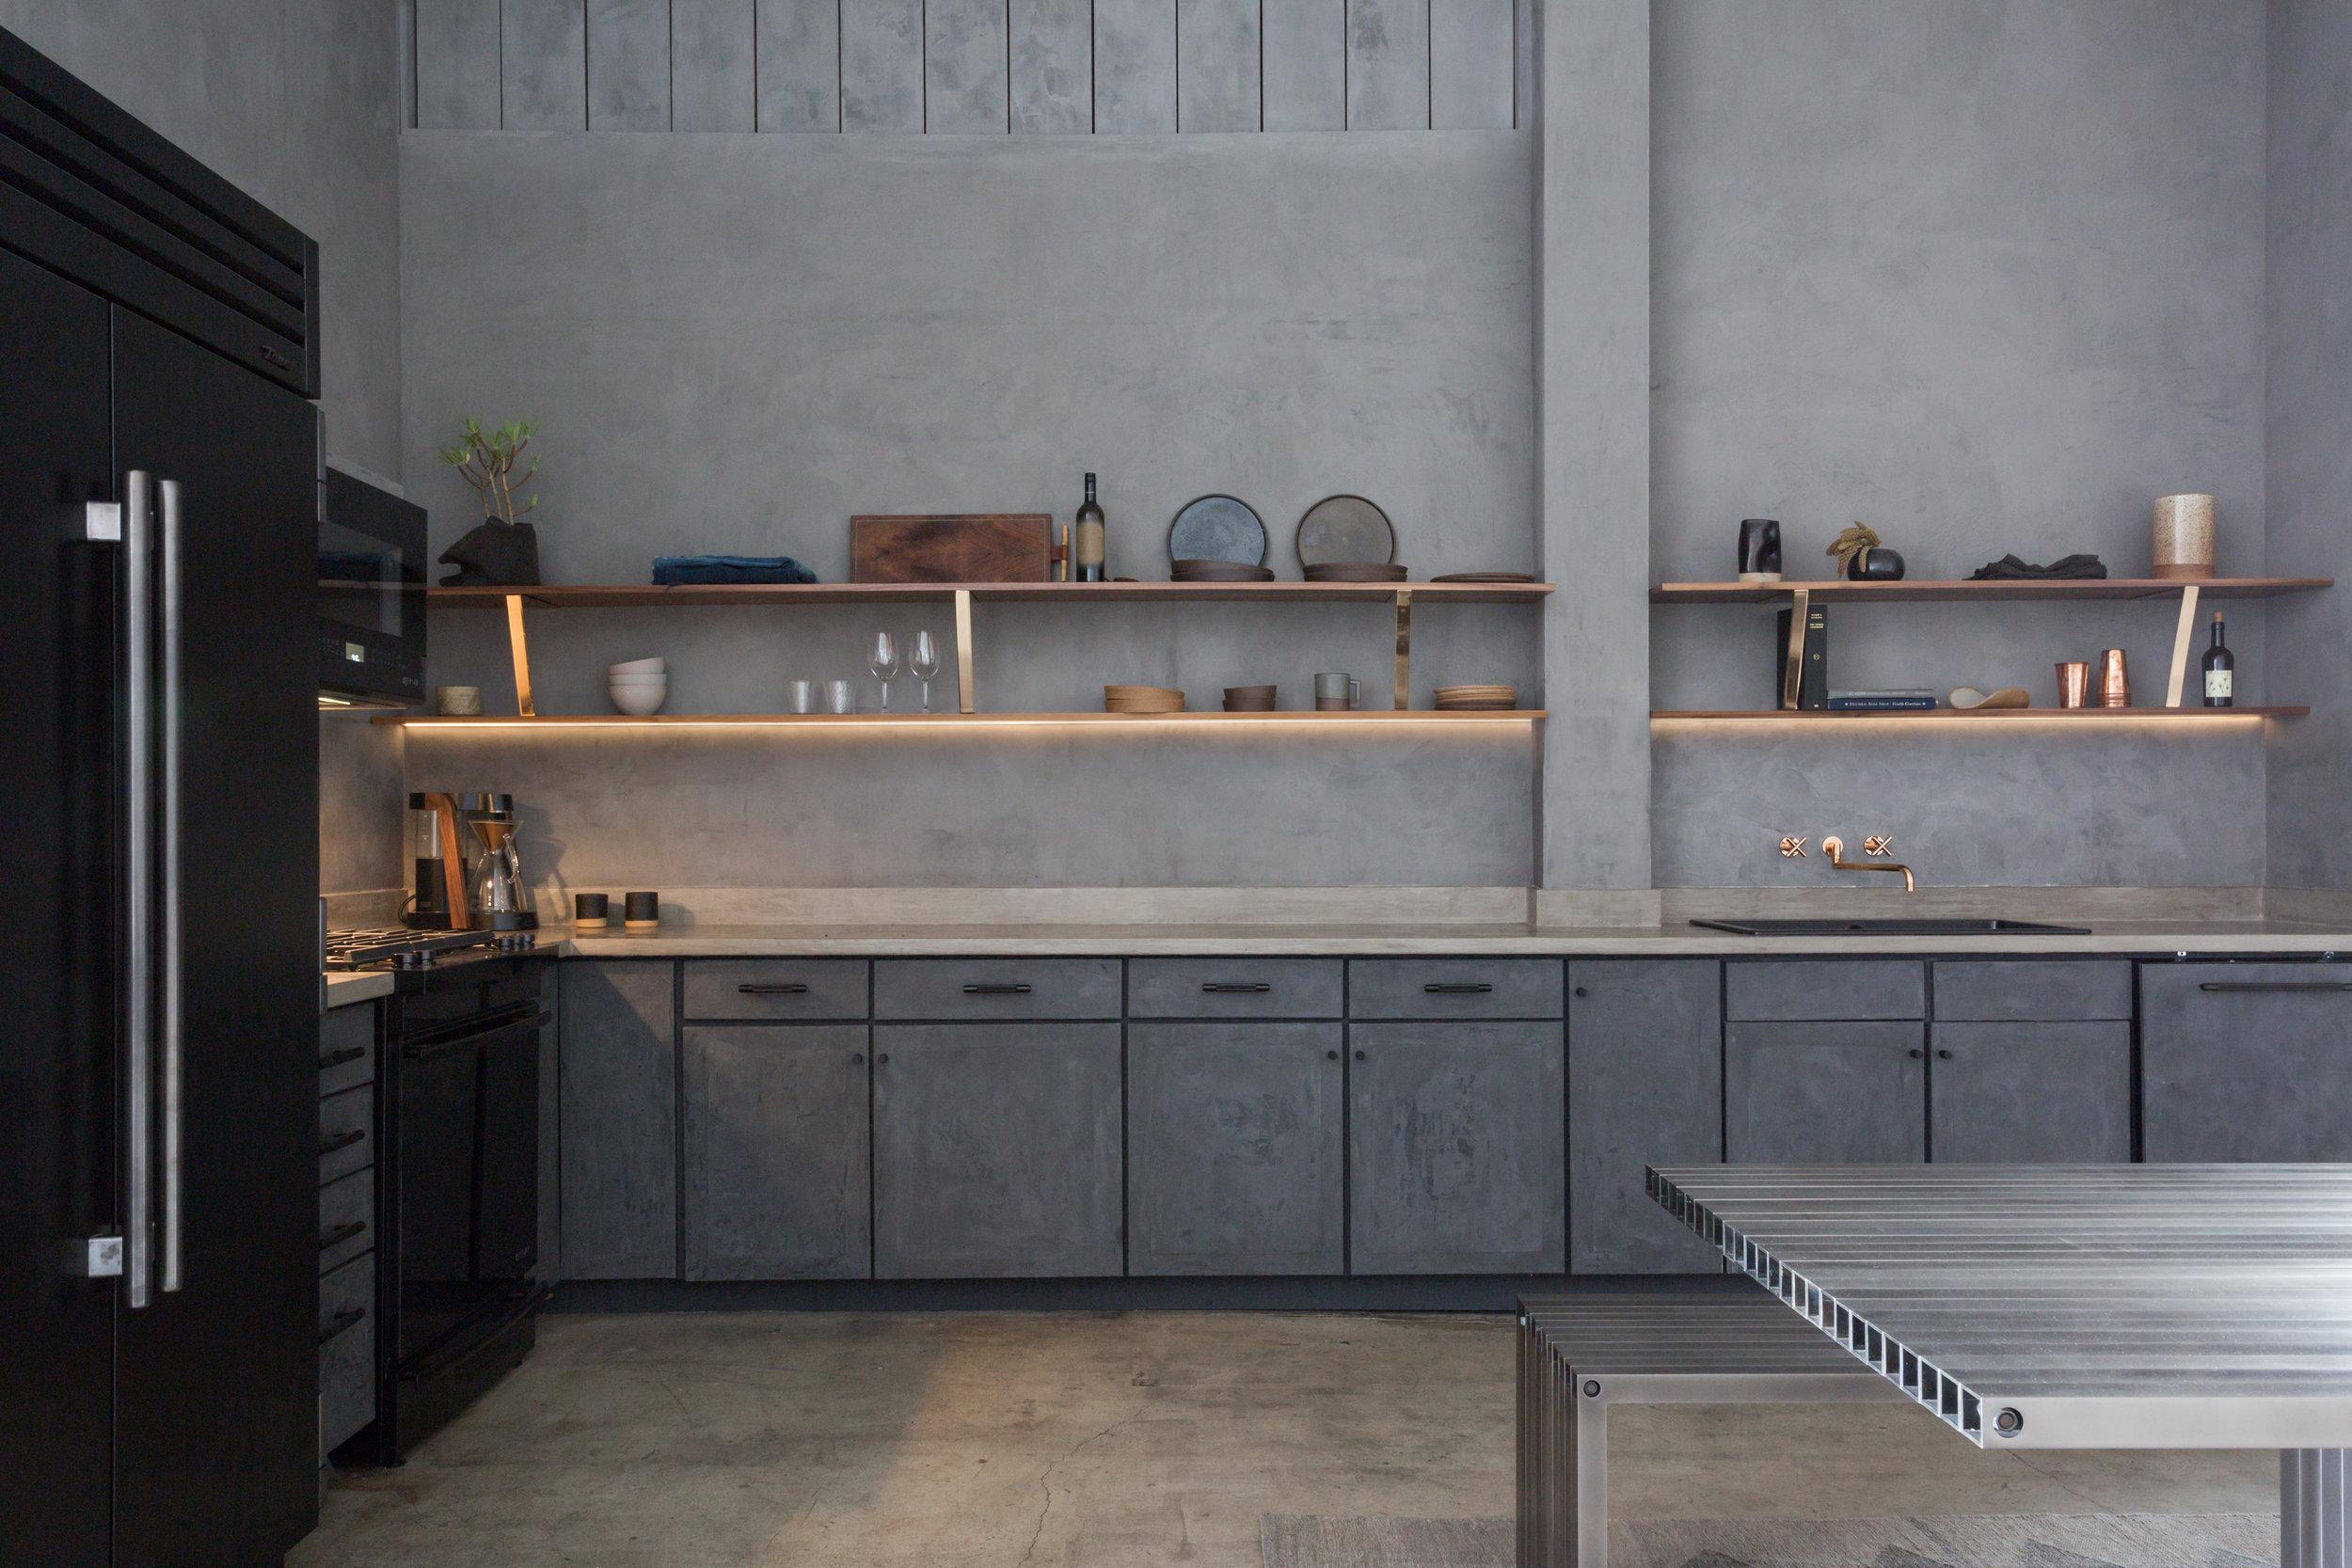 StephenKenn_Loft_Dining_Room_Kitchen_4.jpg